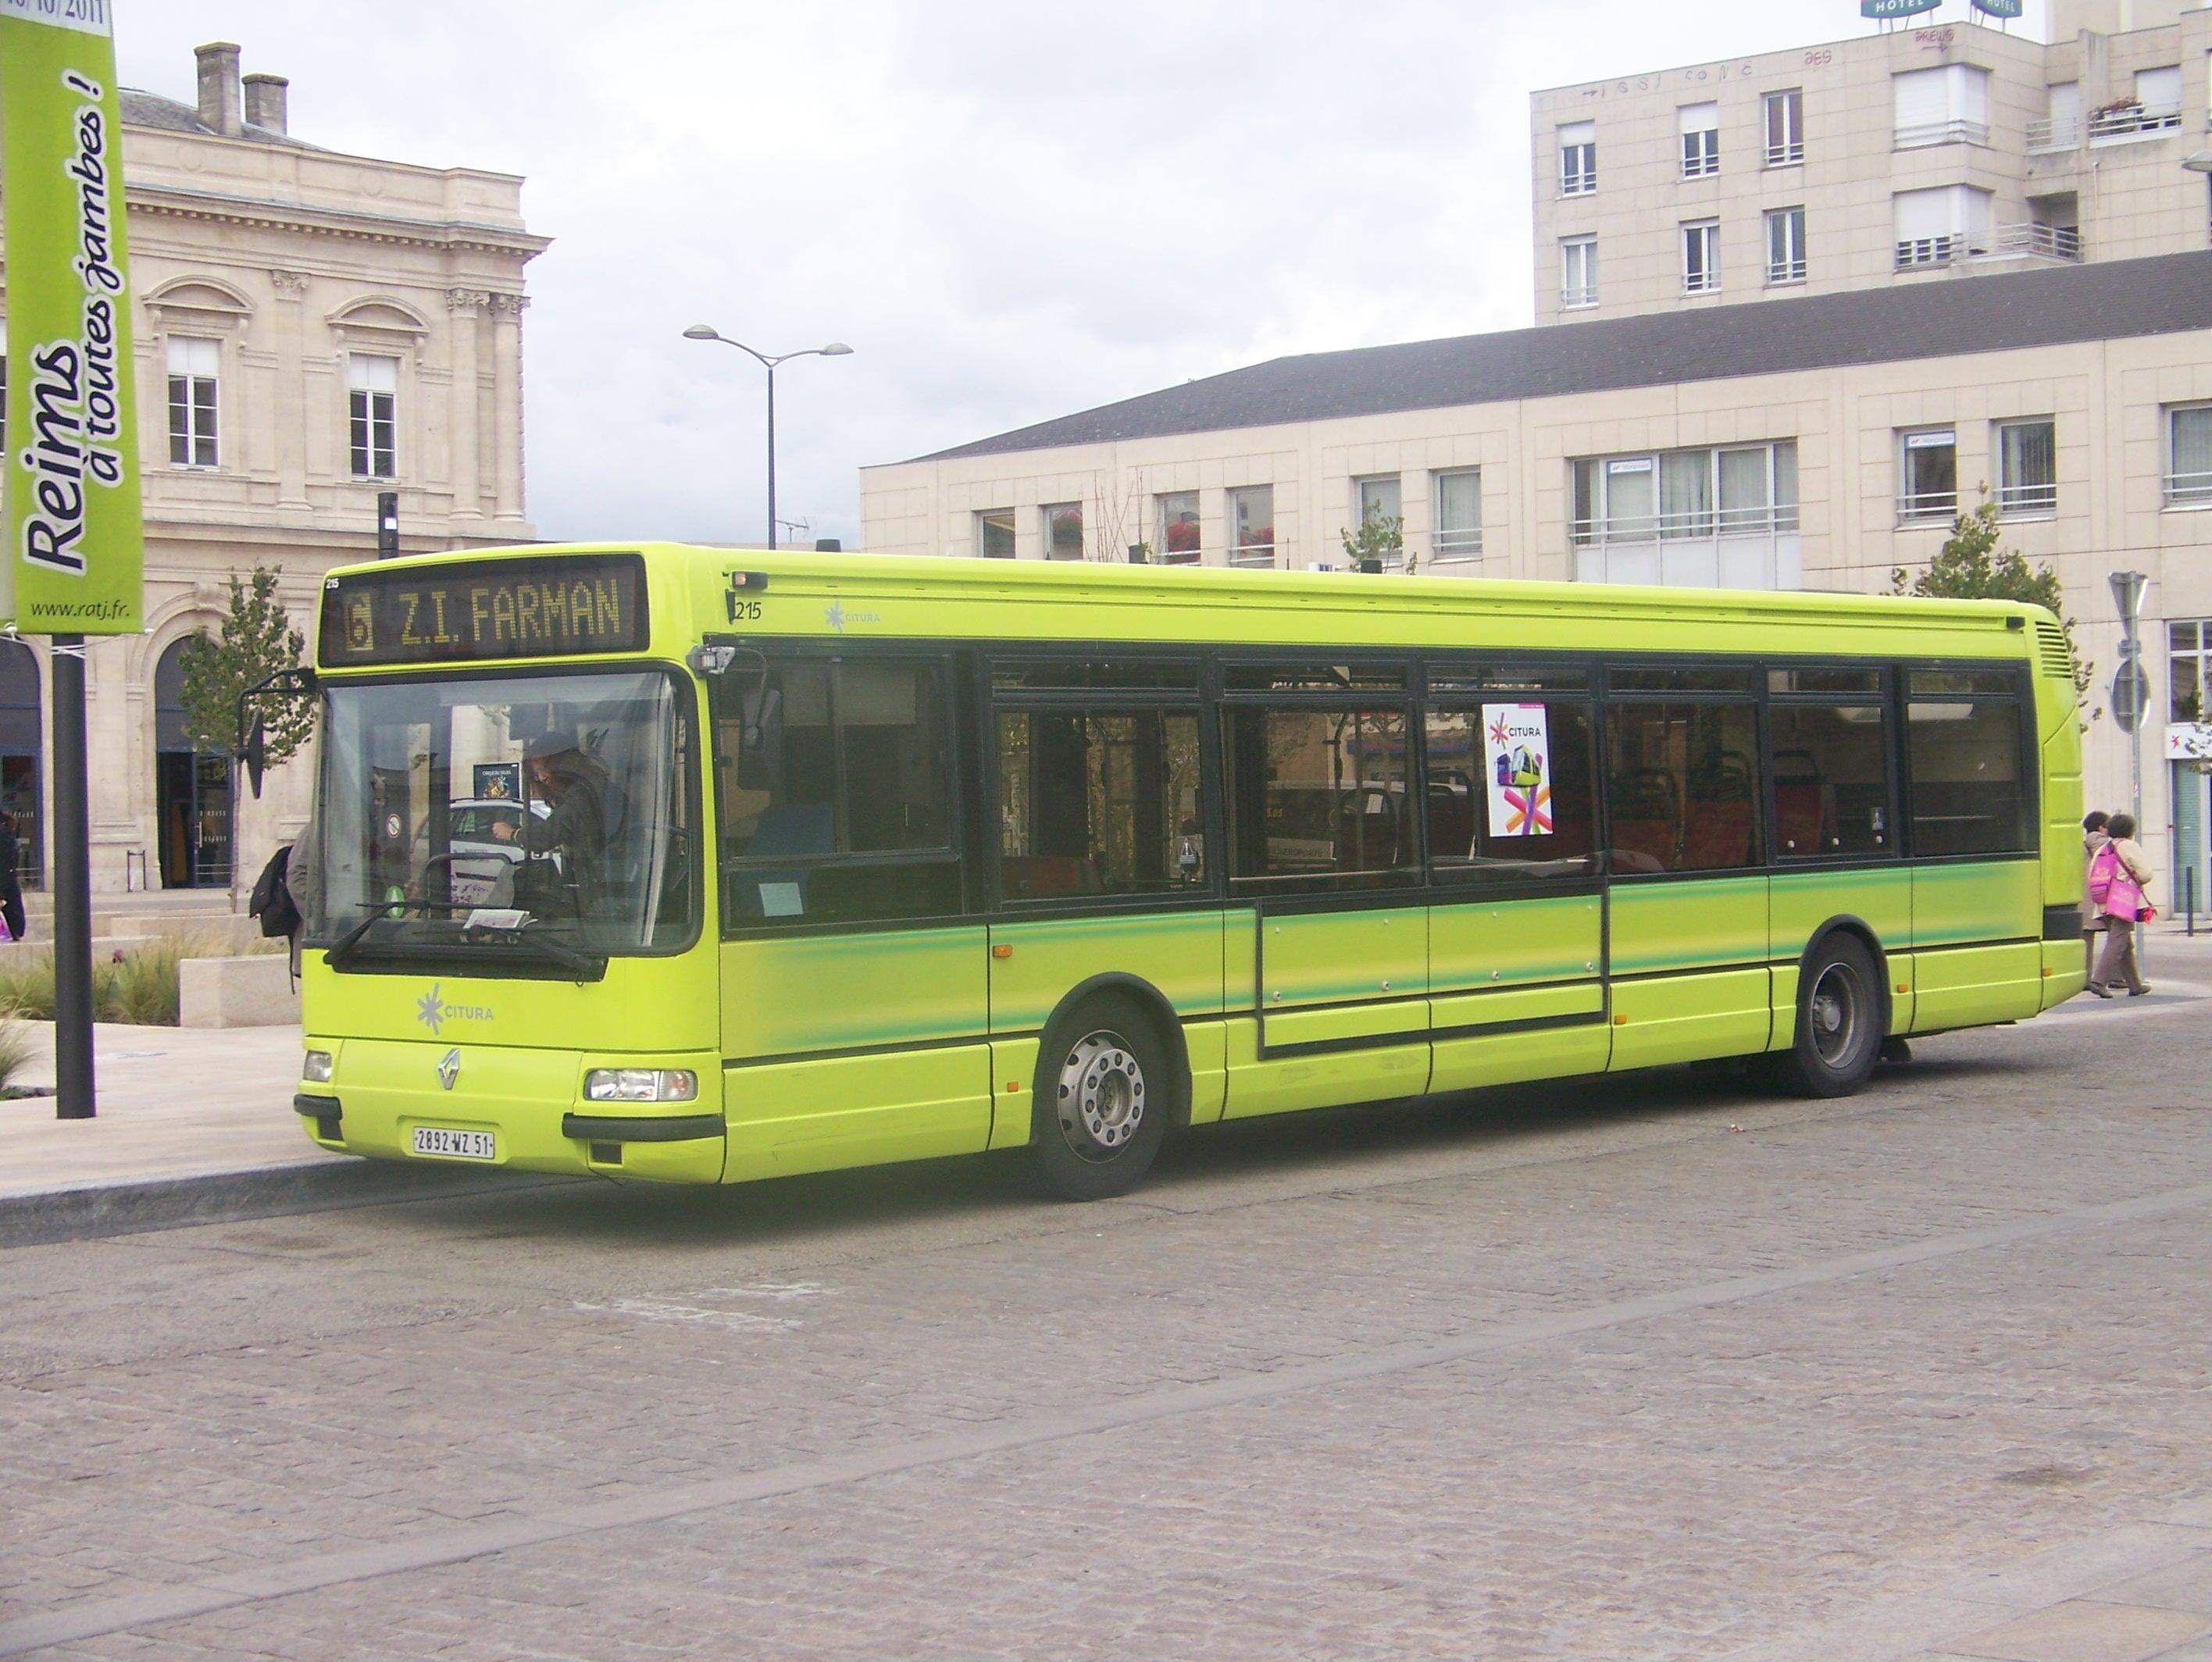 transport en communs bus car tram train auto titre. Black Bedroom Furniture Sets. Home Design Ideas